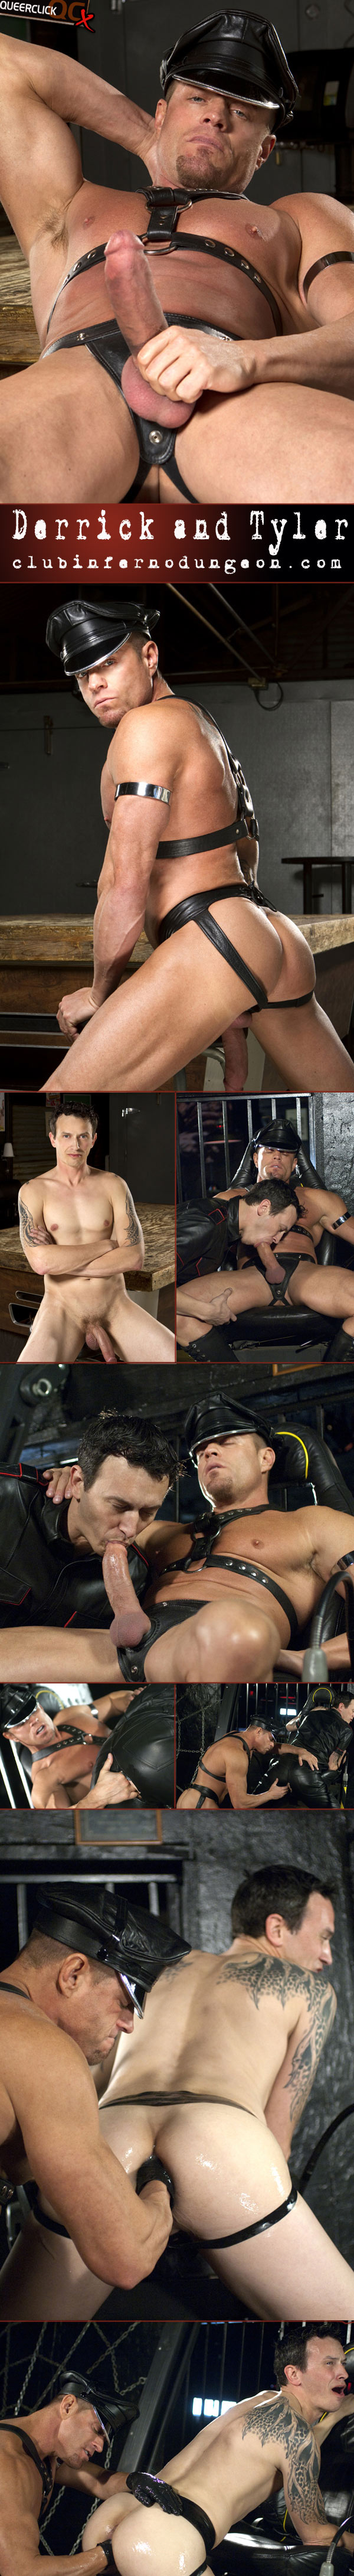 men servant naked